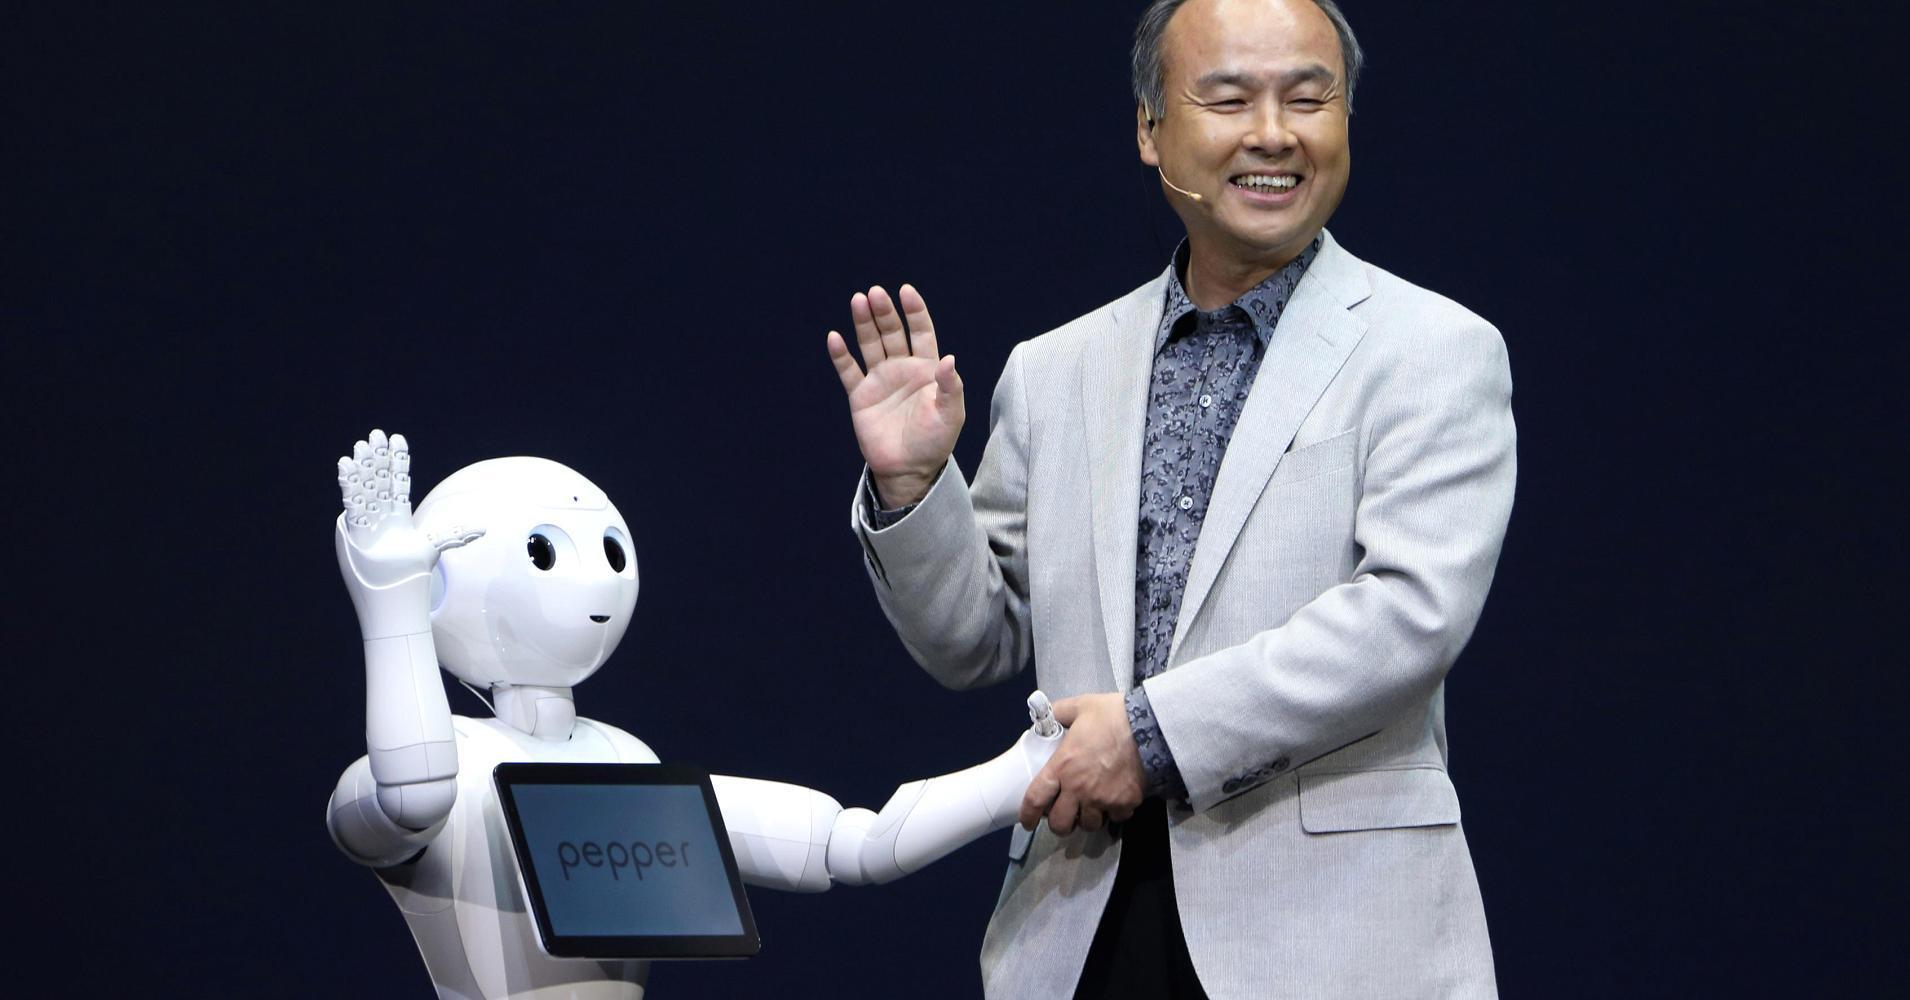 人类瞬间被秒杀 孙正义预测30年后AI智商将超1万